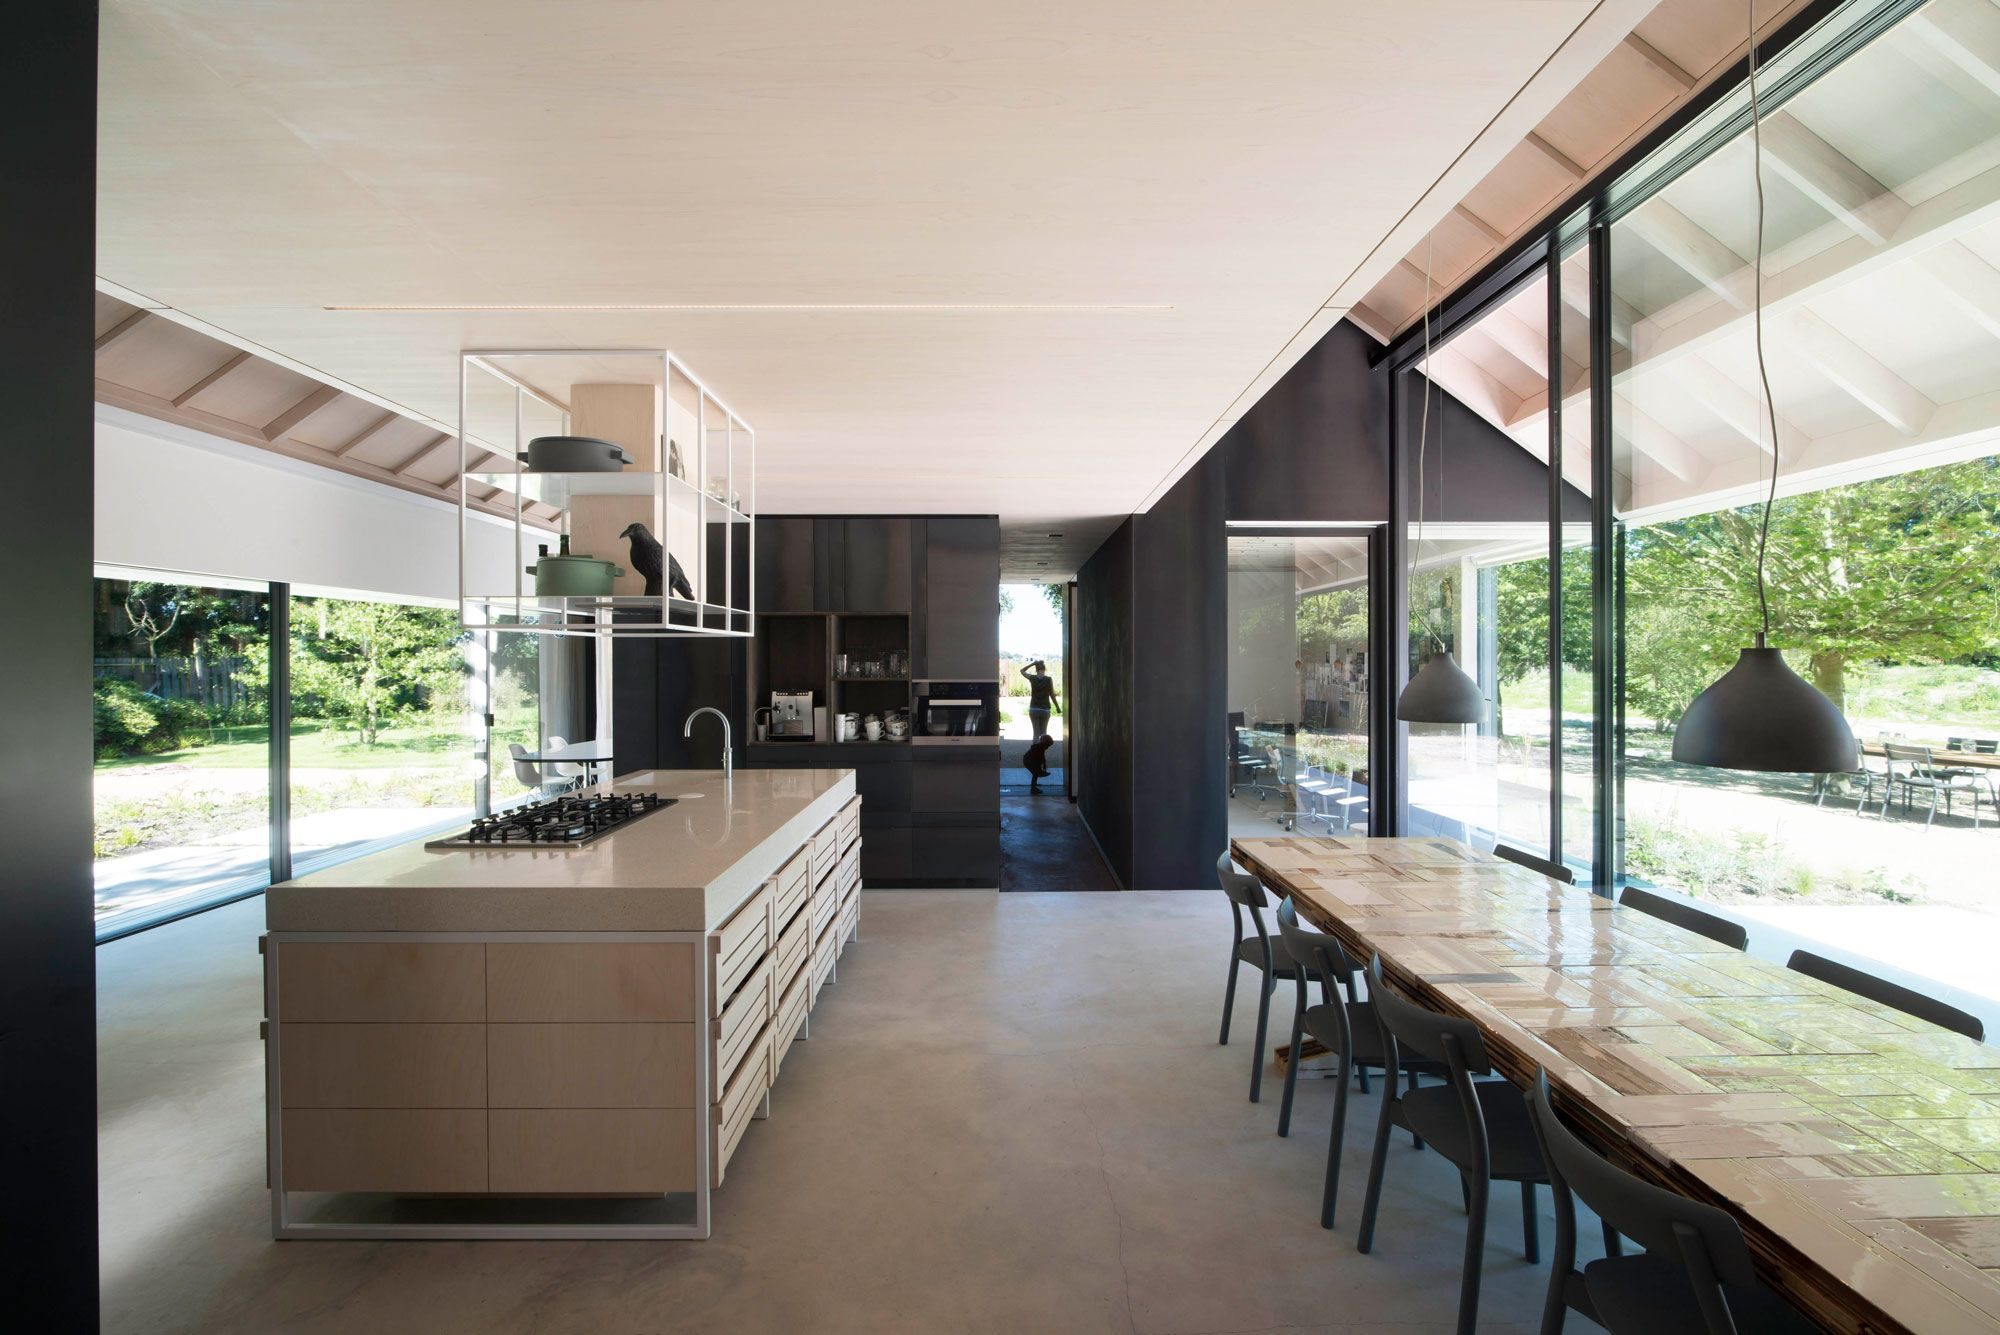 Am Ende der Straße: Wohnhaus in den Niederlanden | Wohnbereich ...